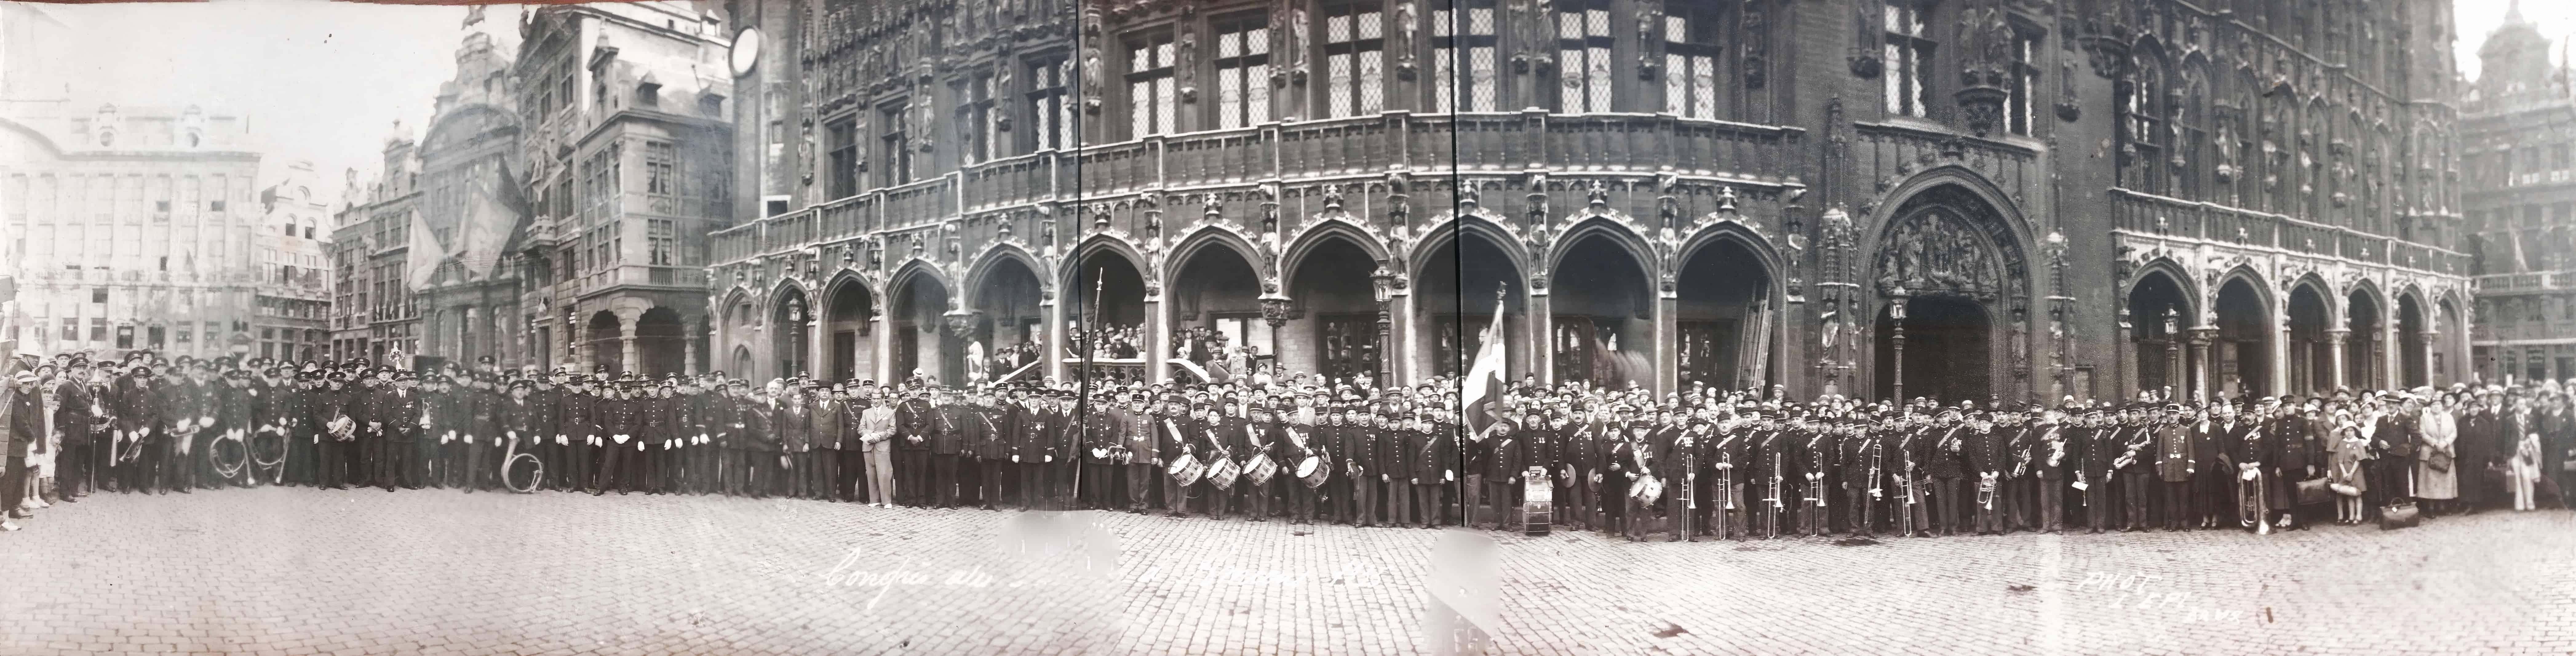 Fanfare de pompiers, collection de photos anciennes